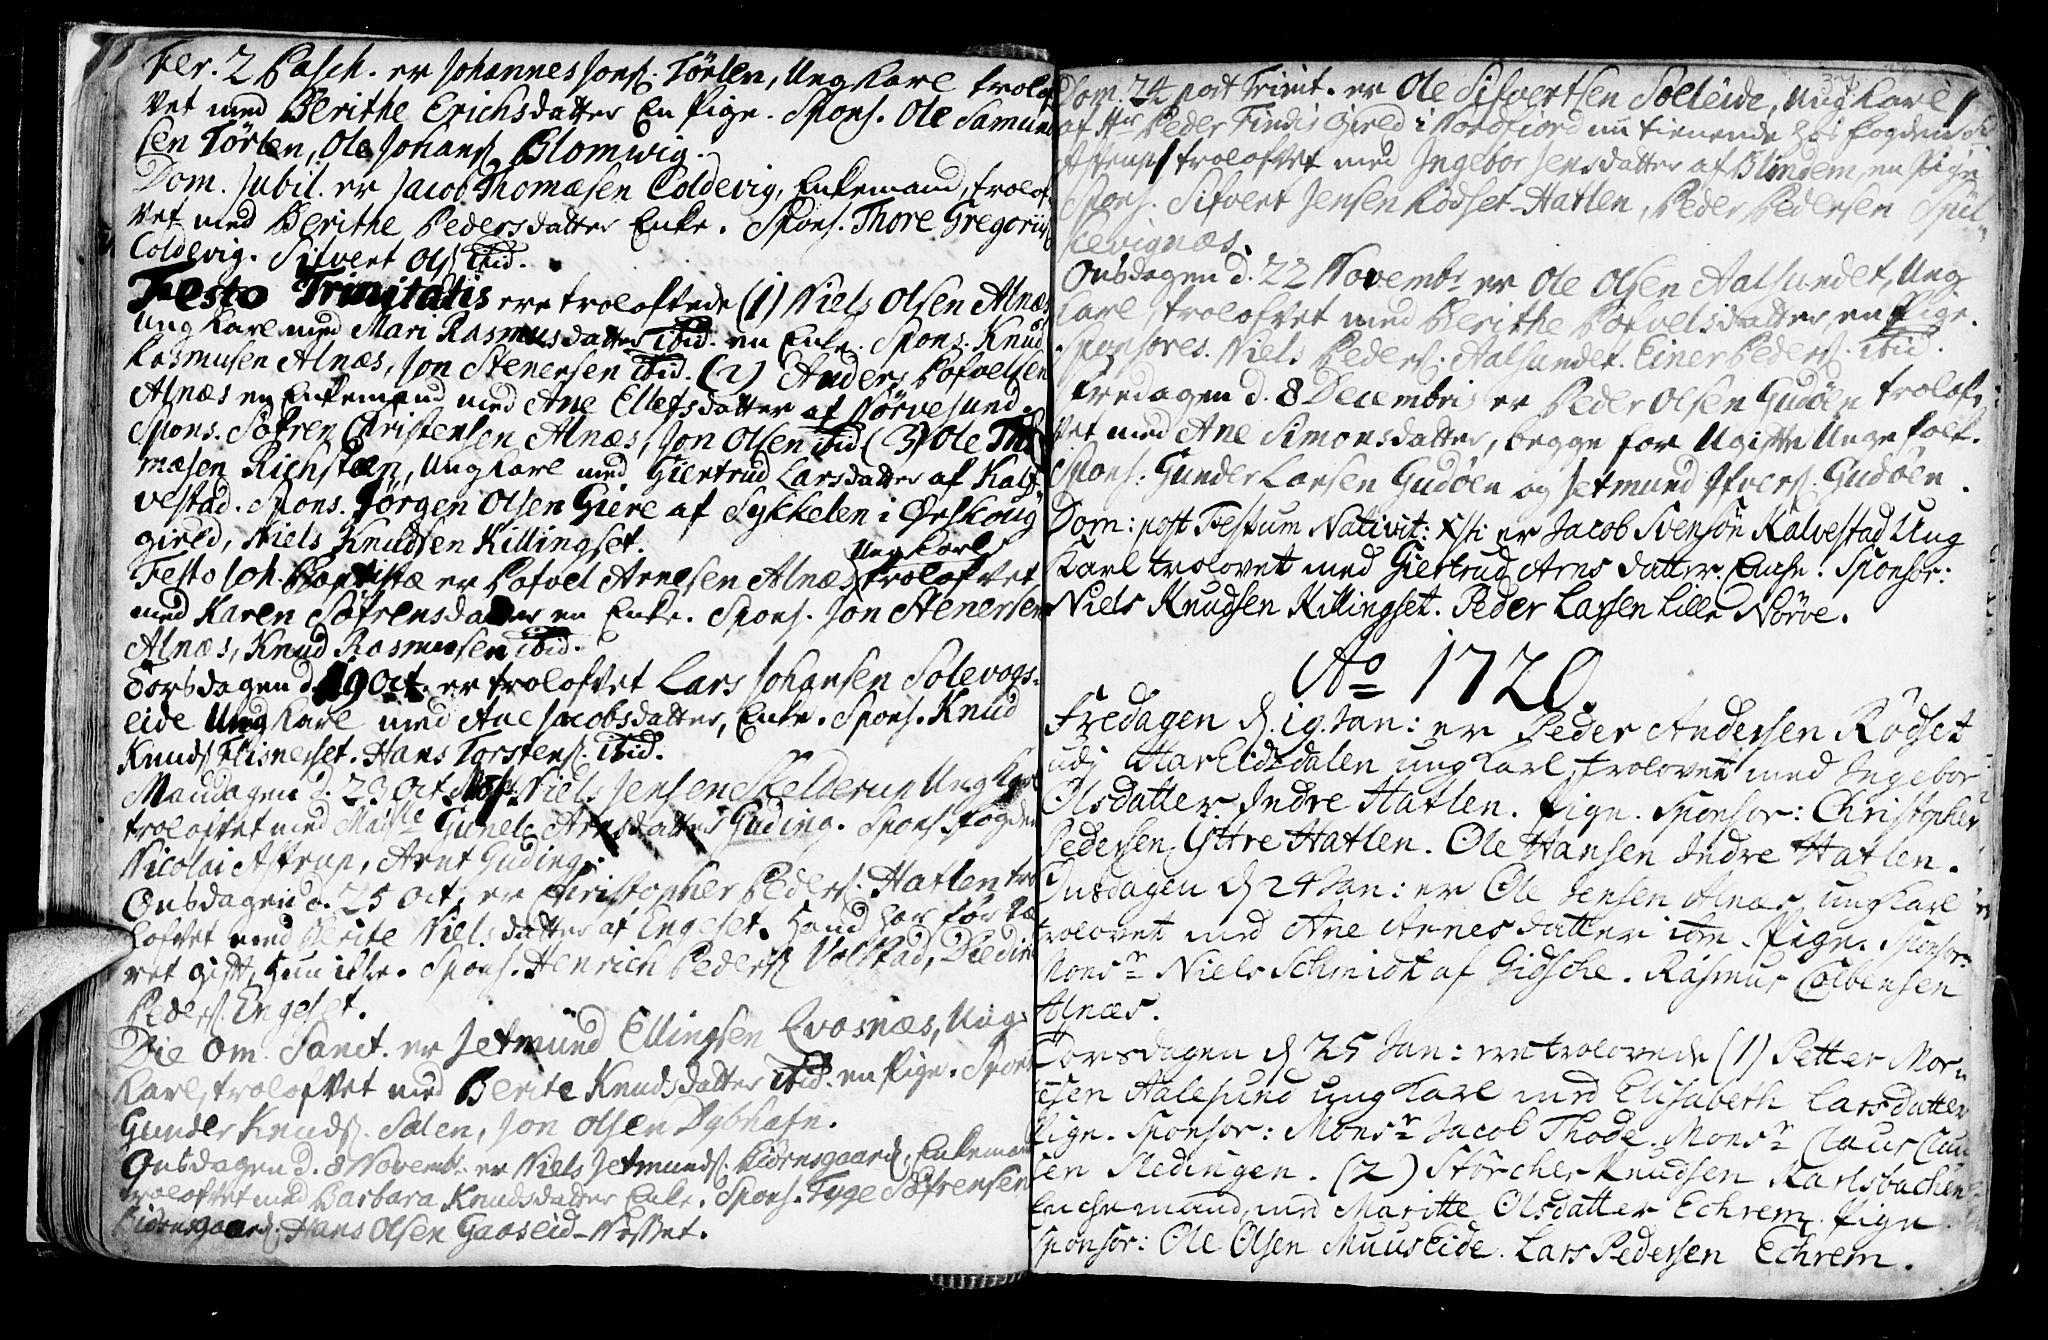 SAT, Ministerialprotokoller, klokkerbøker og fødselsregistre - Møre og Romsdal, 528/L0390: Ministerialbok nr. 528A01, 1698-1739, s. 36-37